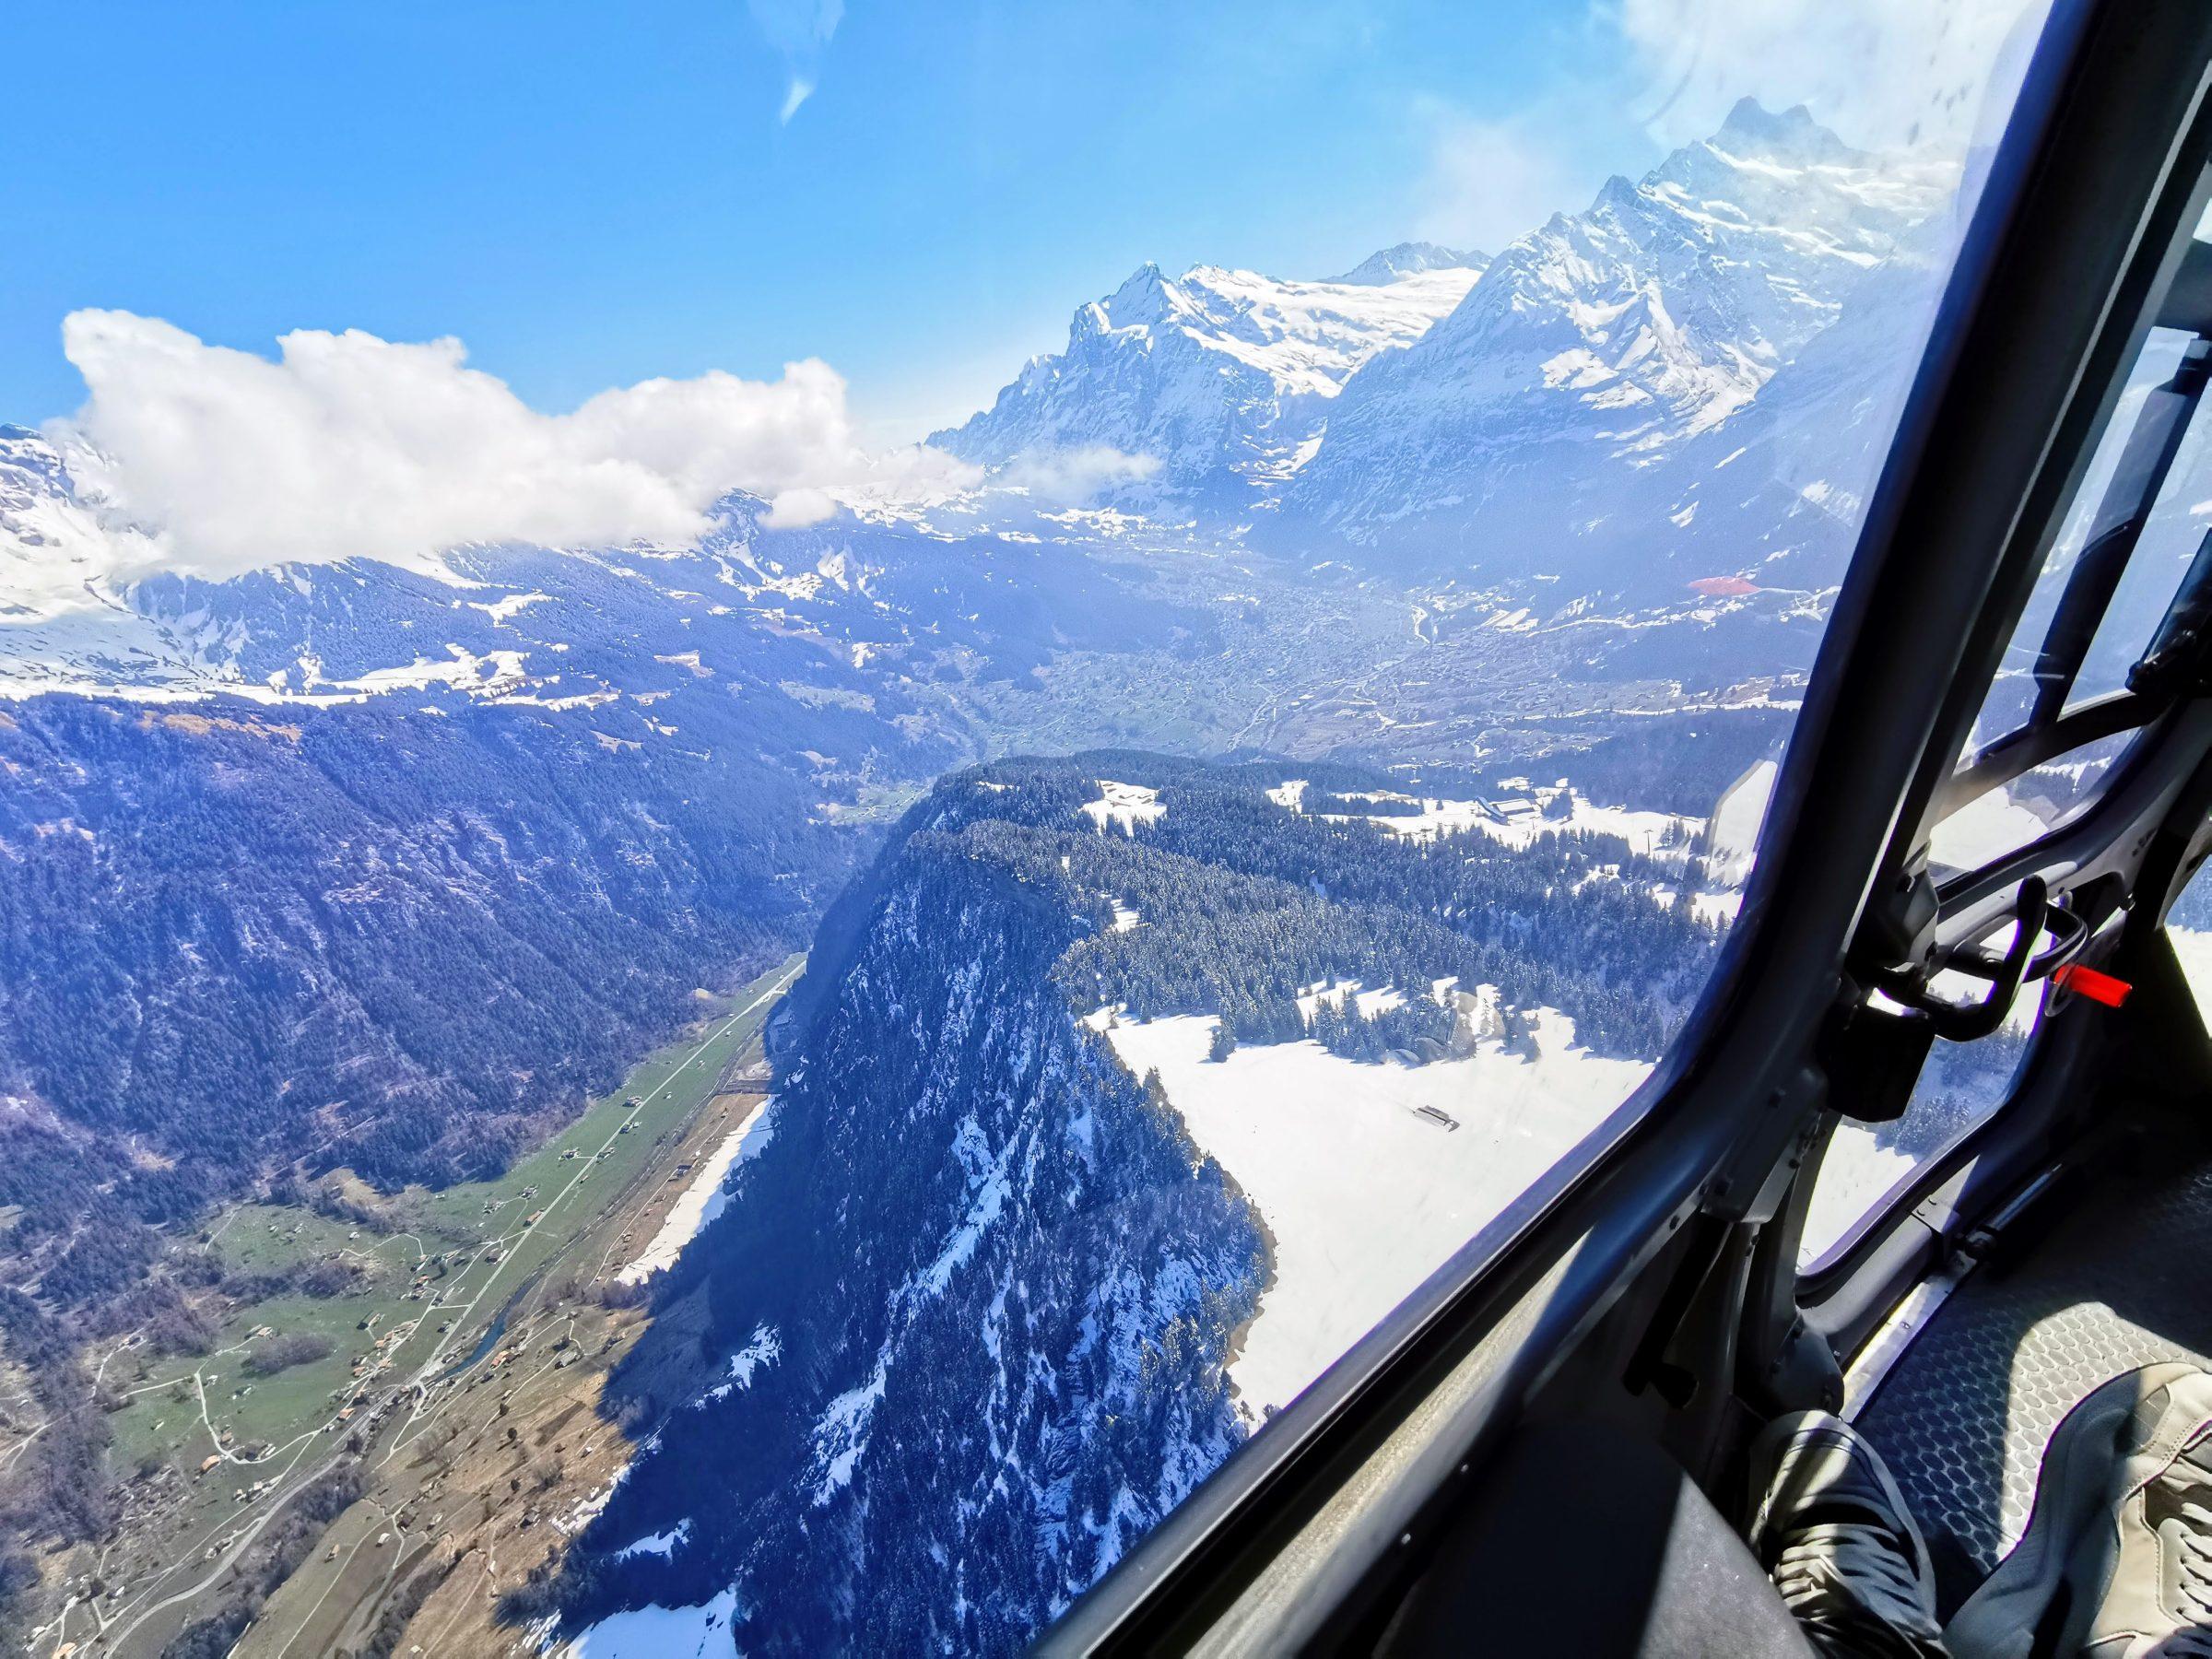 De eerste bergrug zijn we al over, hoogte circa 700 meter